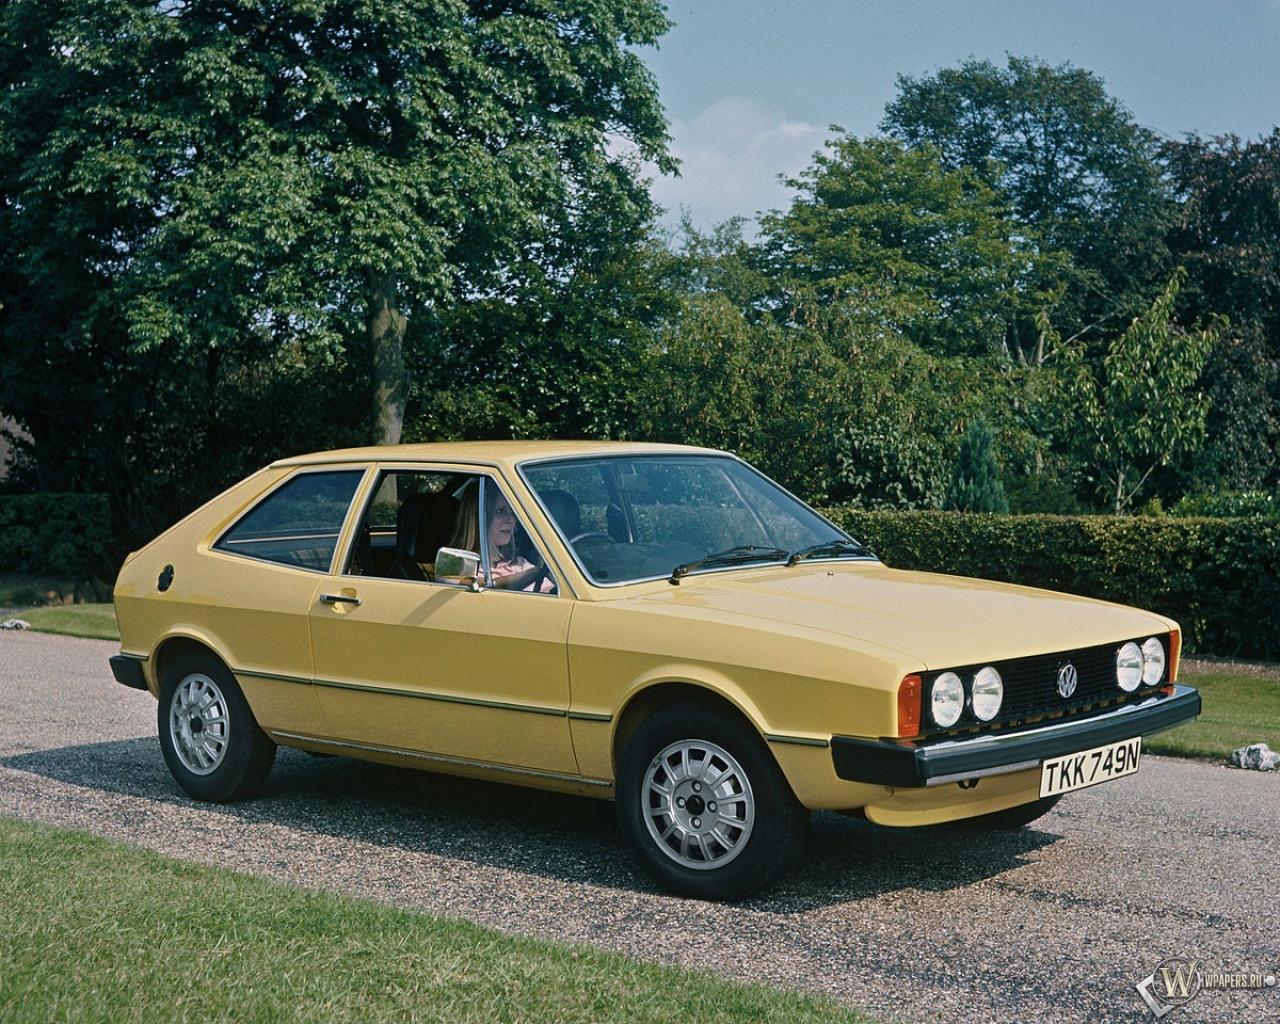 Volkswagen Scirocco (1974-1984) 1280x1024